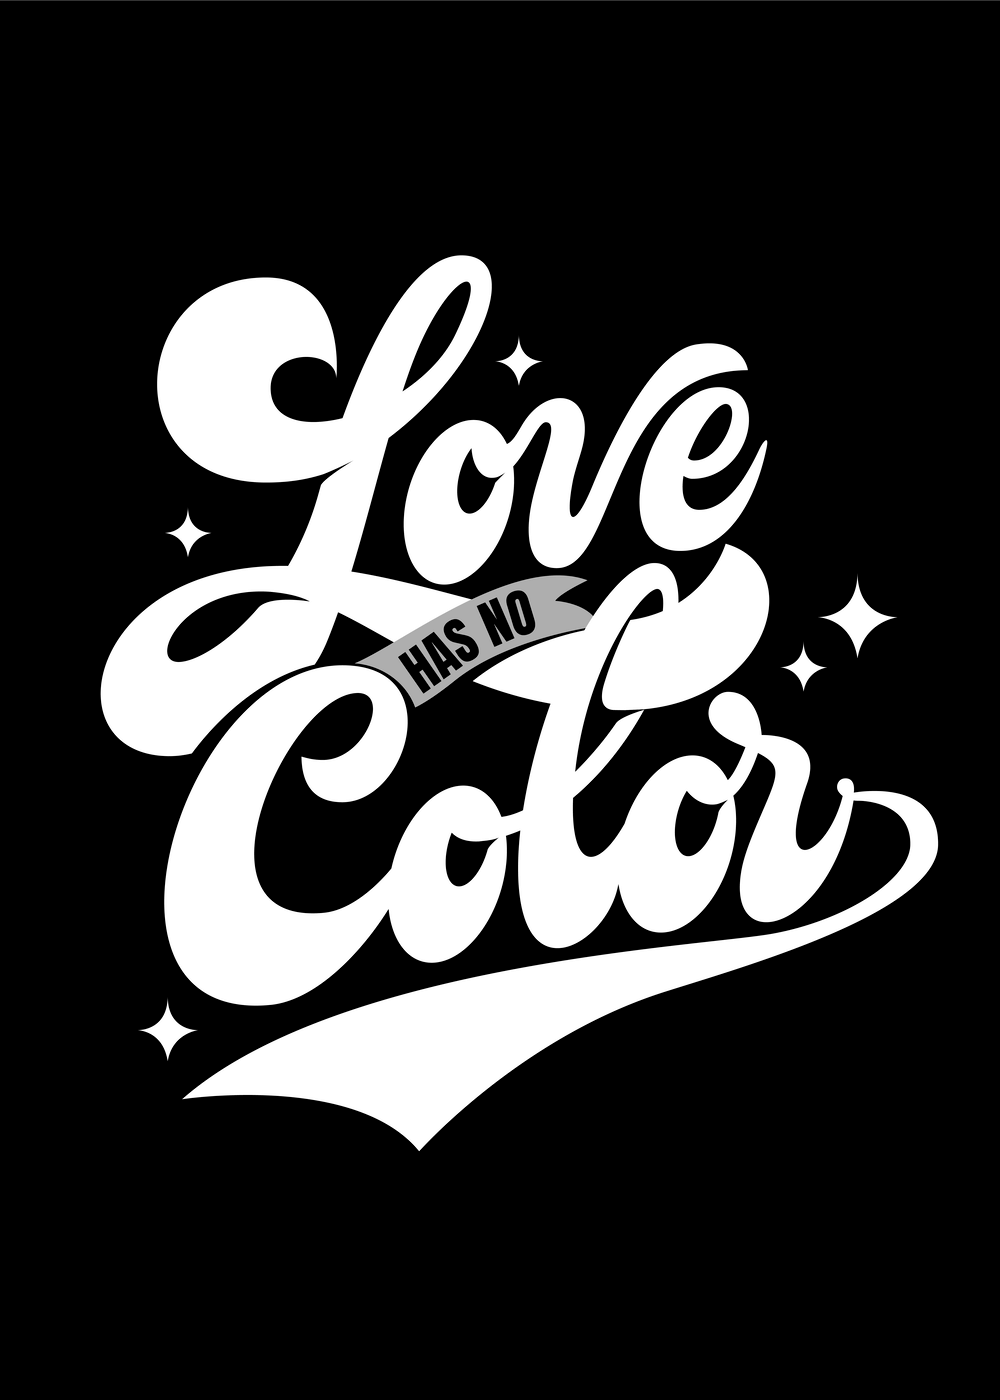 Love Has No Color (series, 1/2) main image